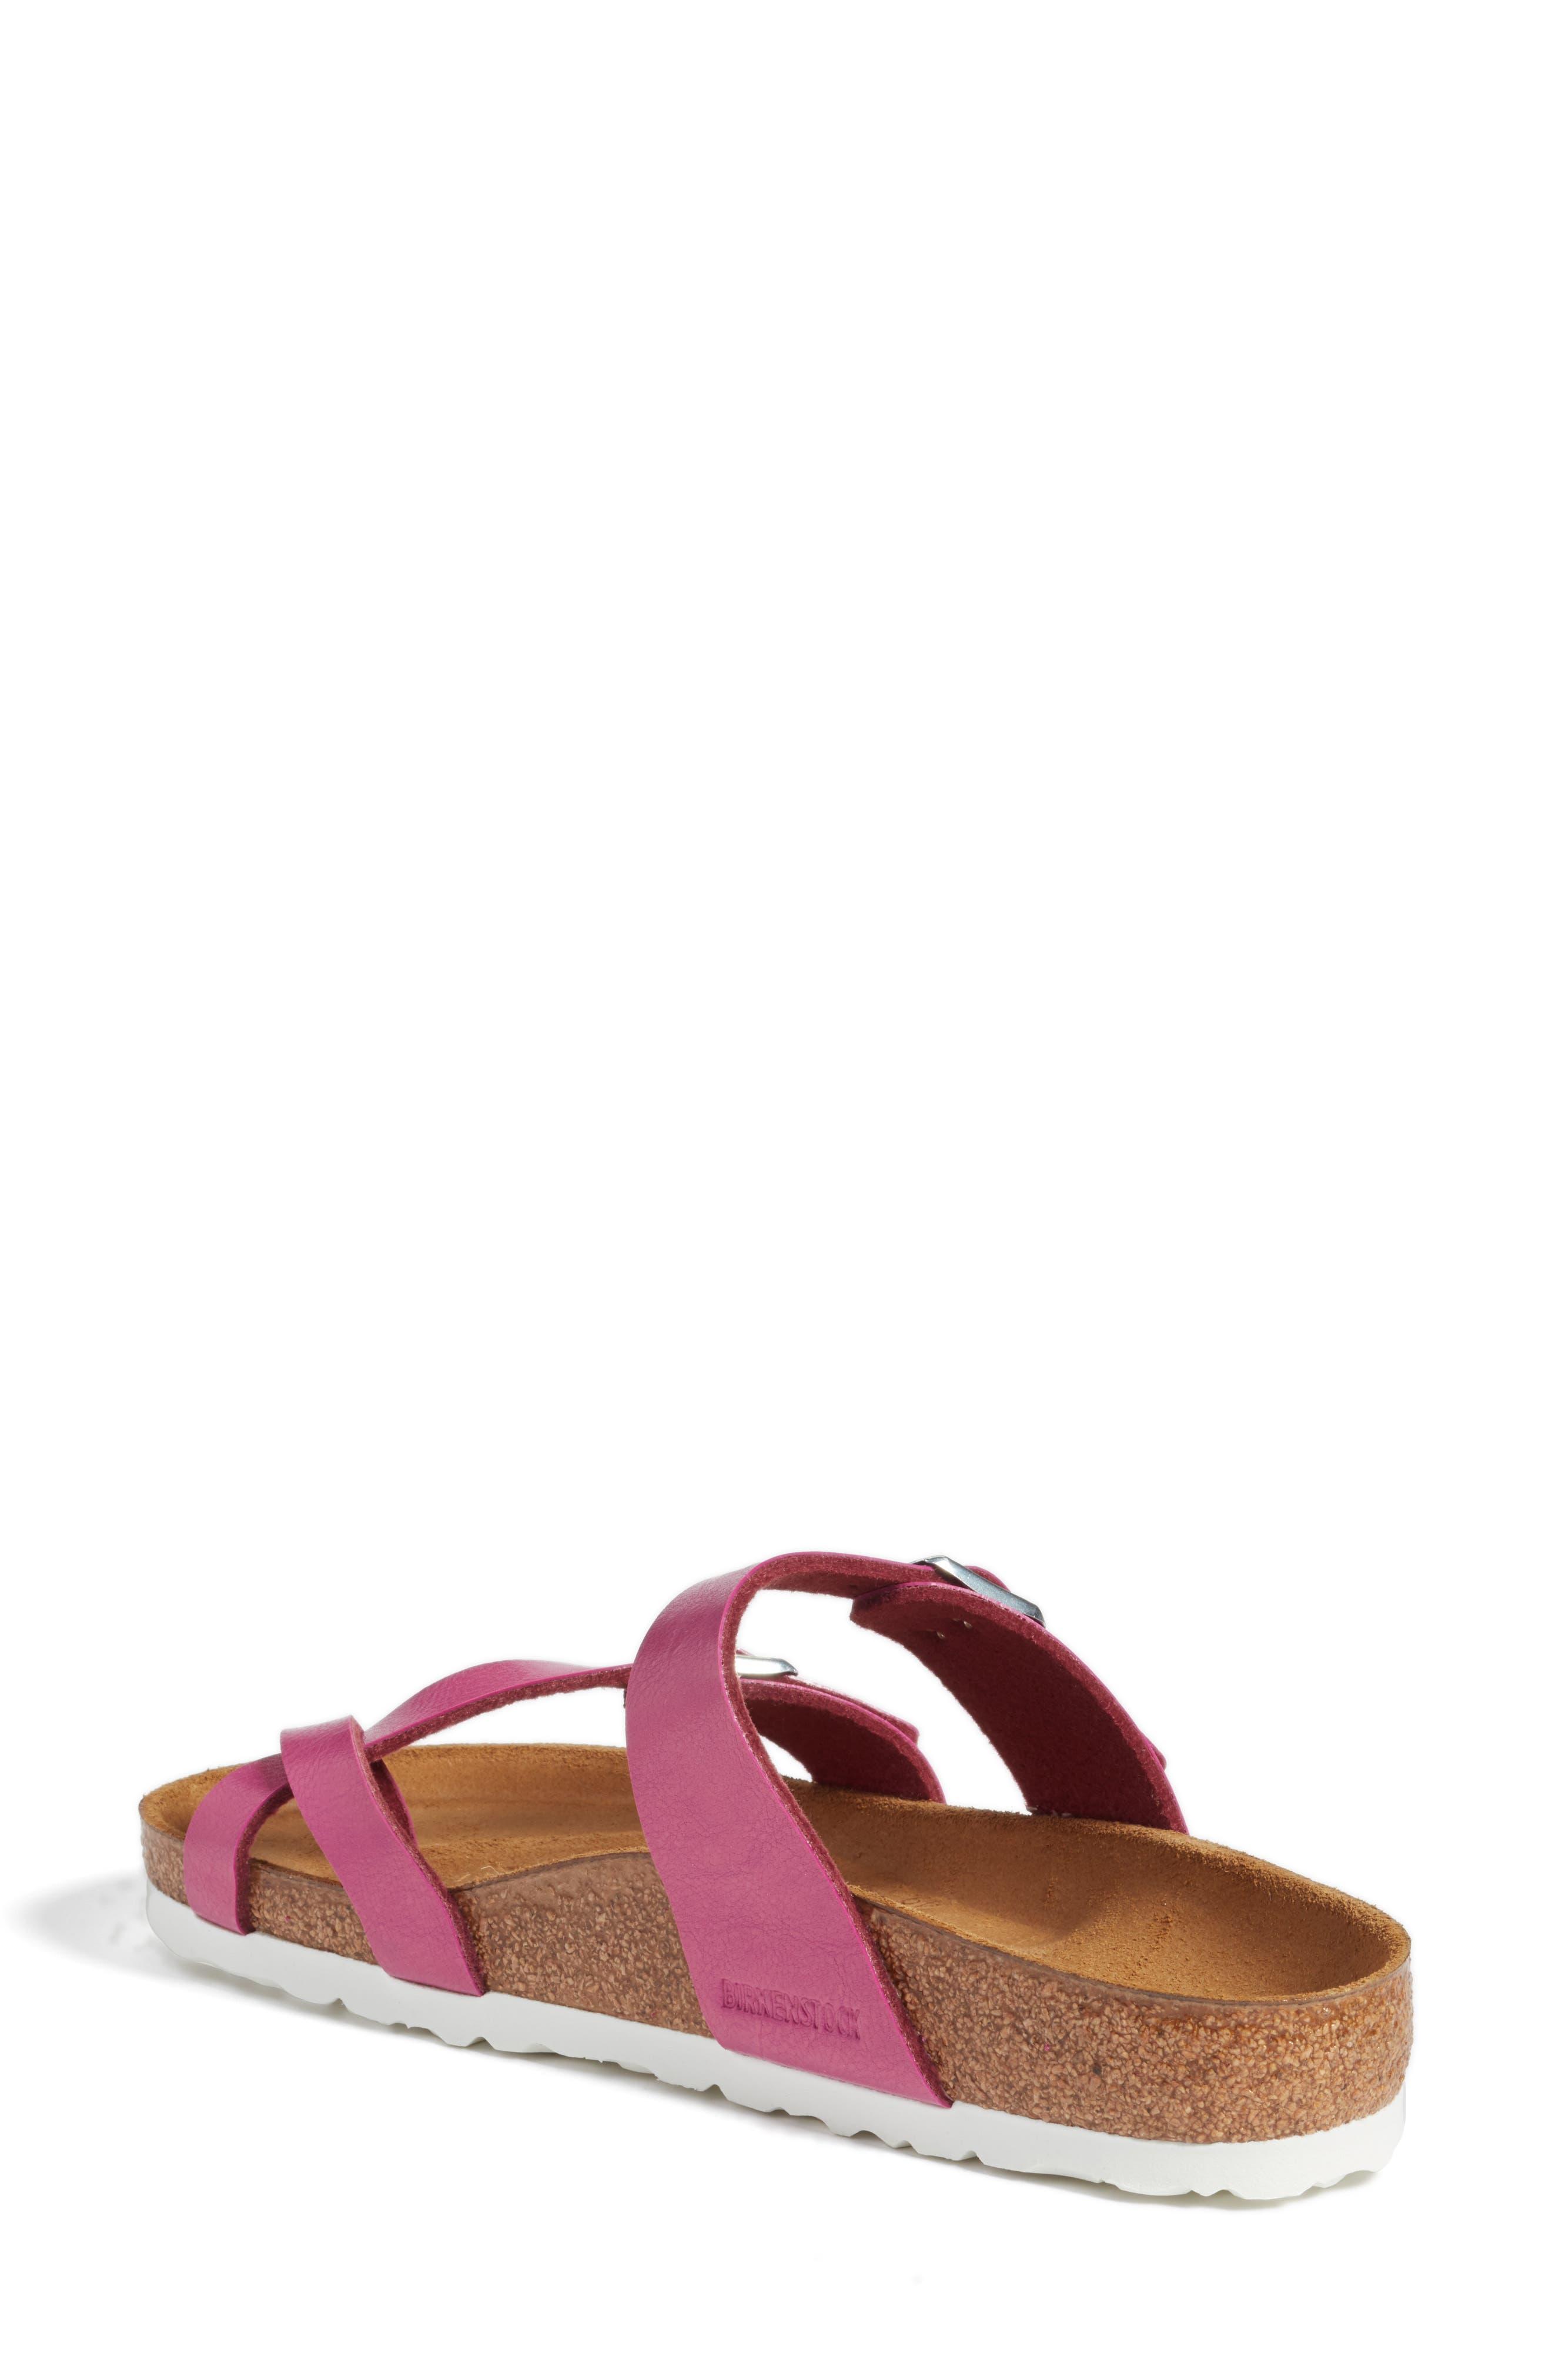 'Mayari' Birko-Flor<sup>™</sup> Sandal,                             Alternate thumbnail 36, color,